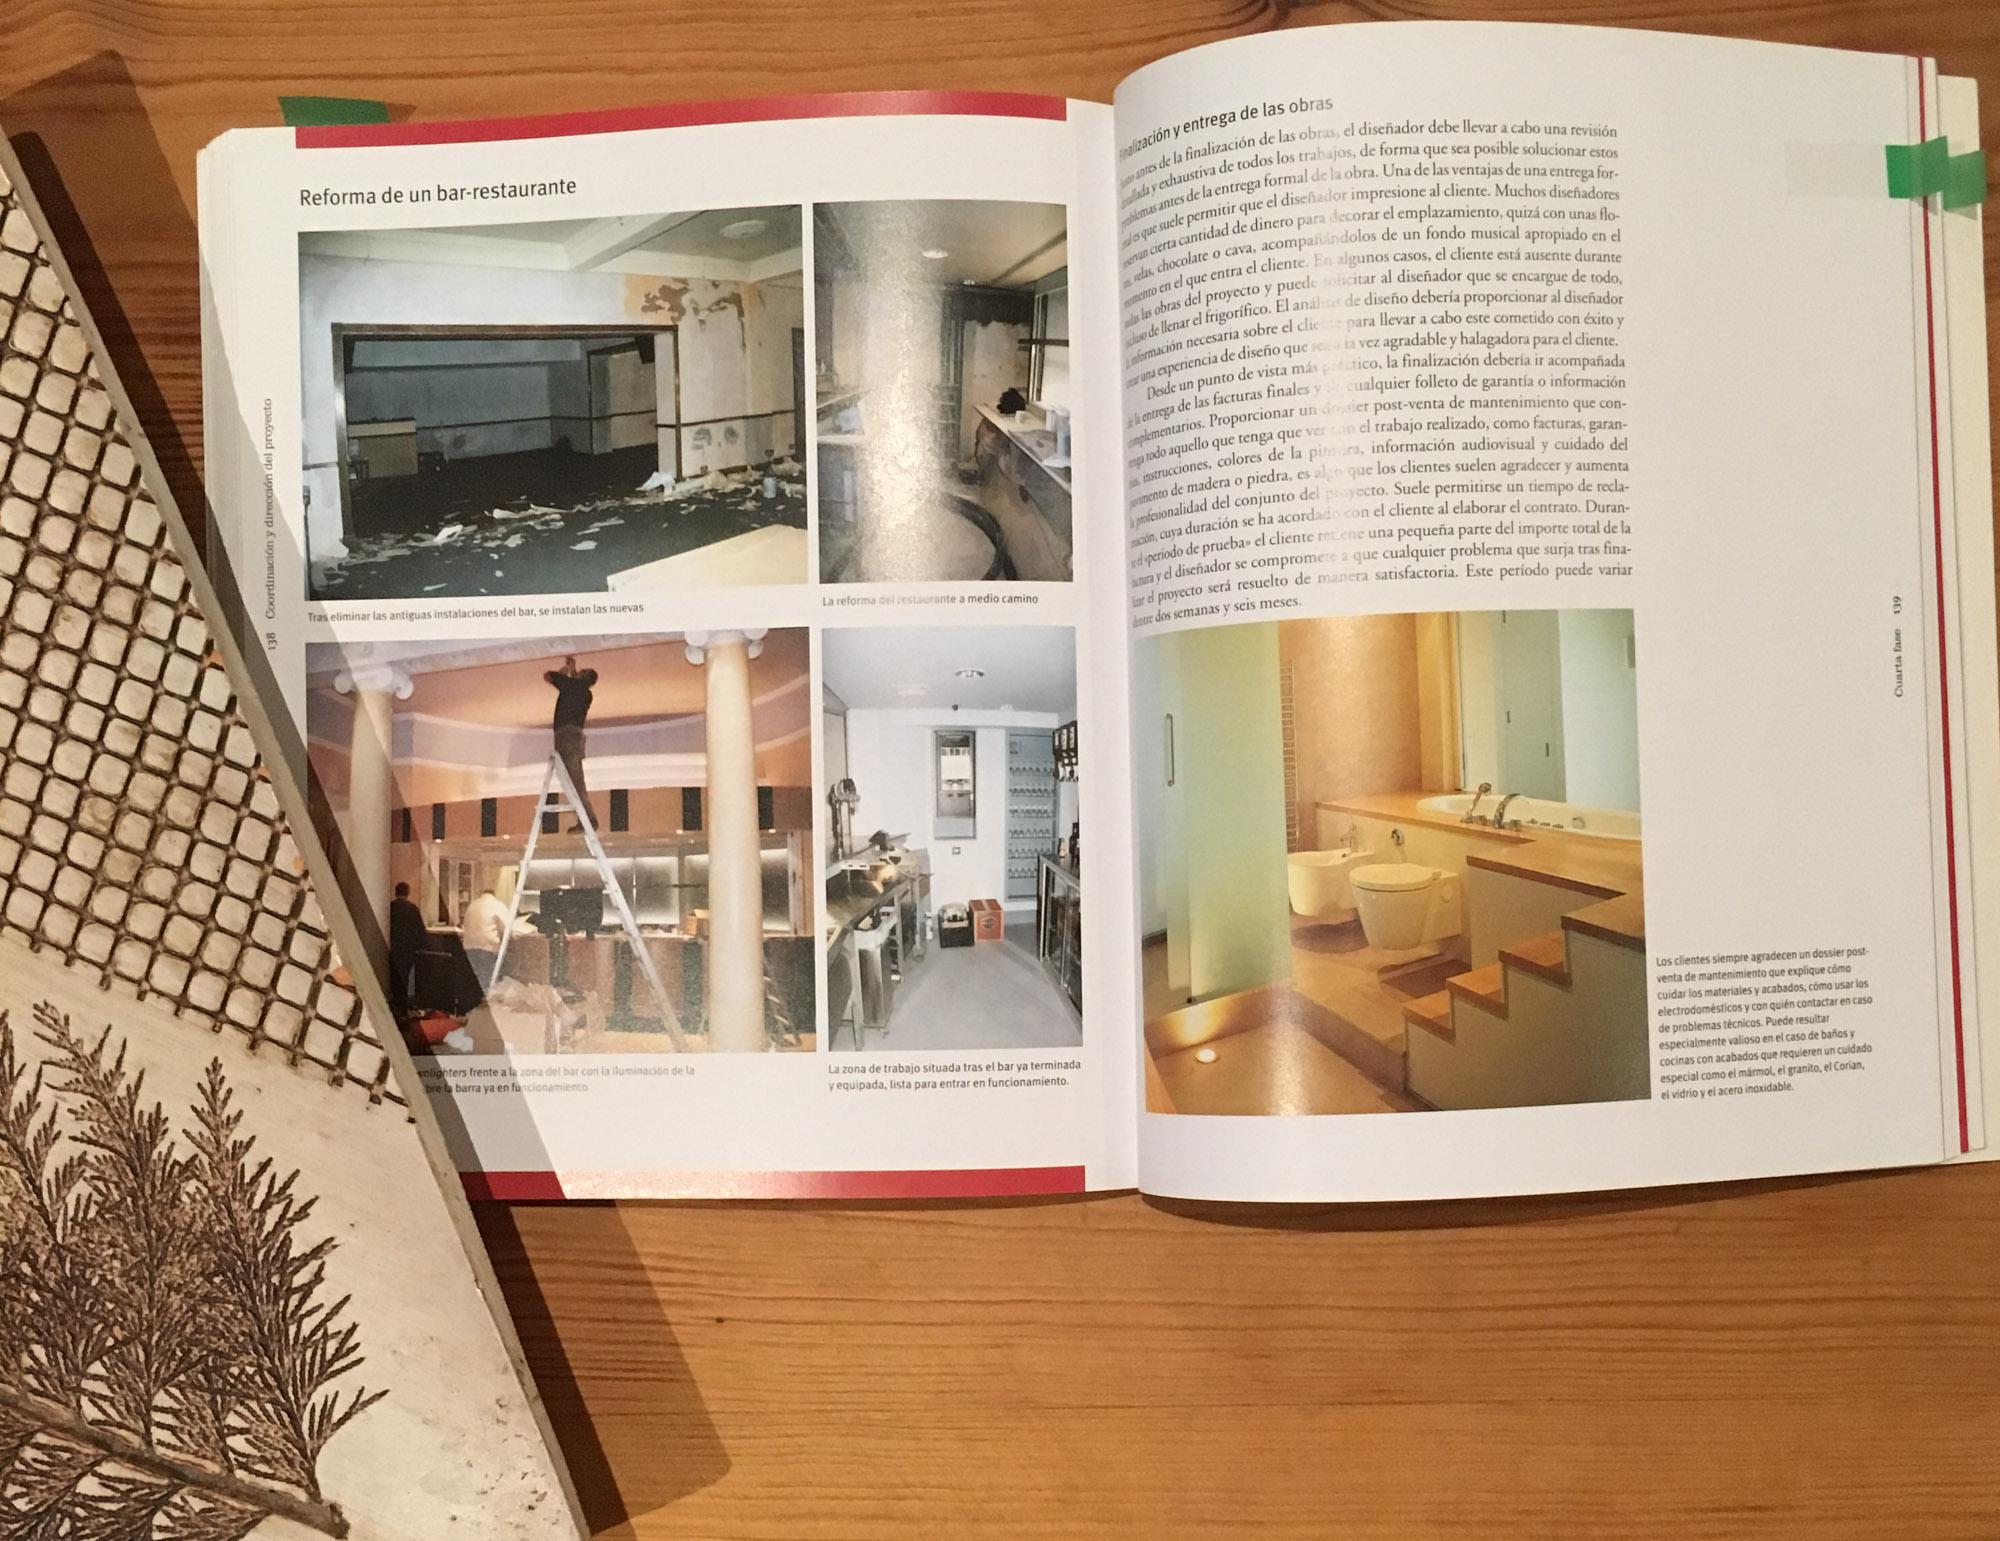 dise o de interiores gu a til la casa de mar orden y On libro diseño interiores